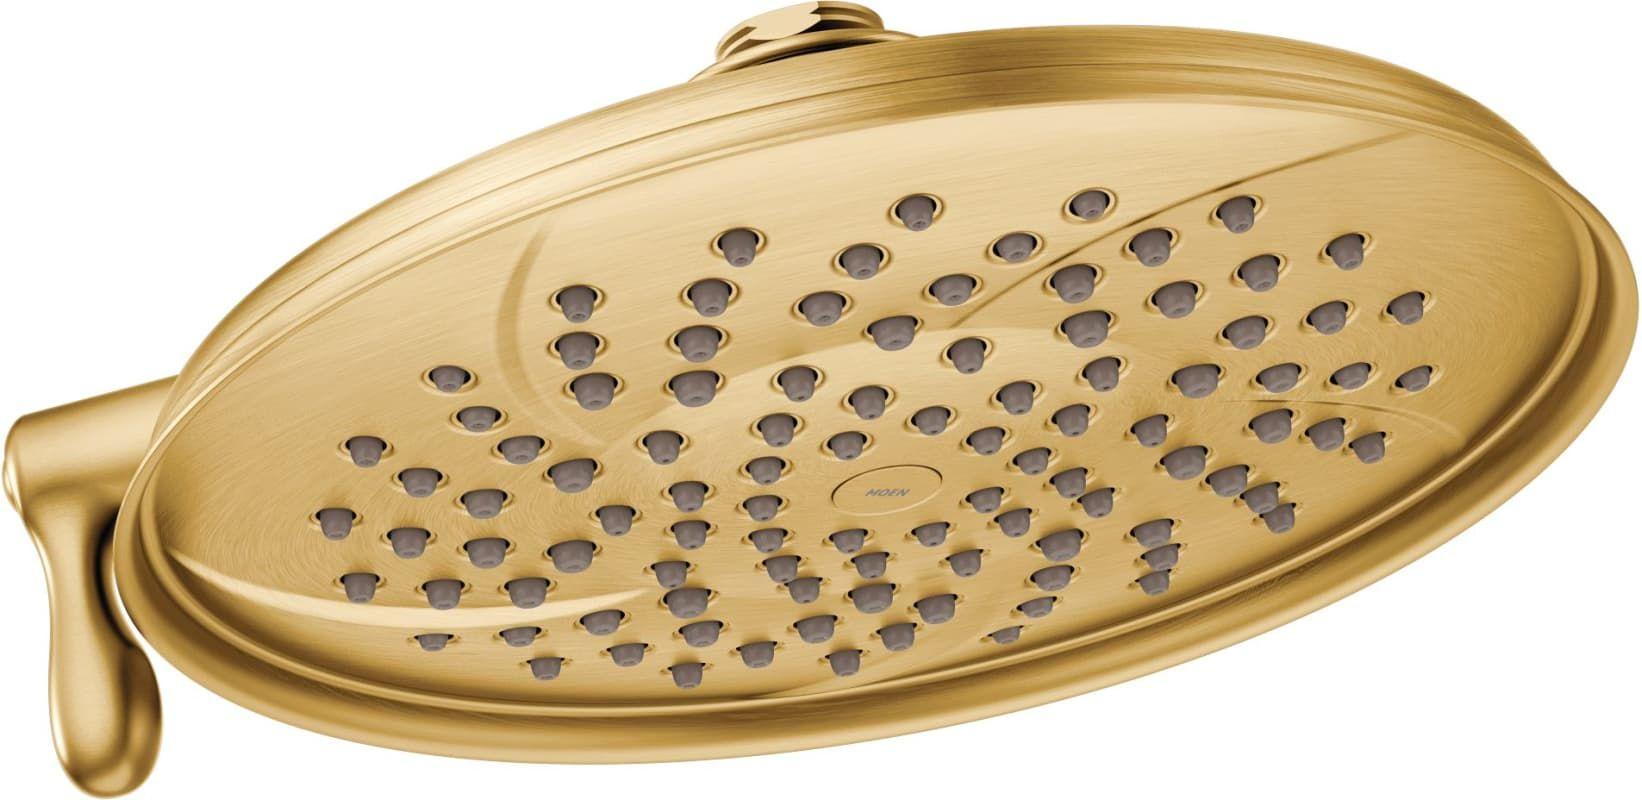 Moen S1311ep Shower Heads Gold Shower Rain Shower